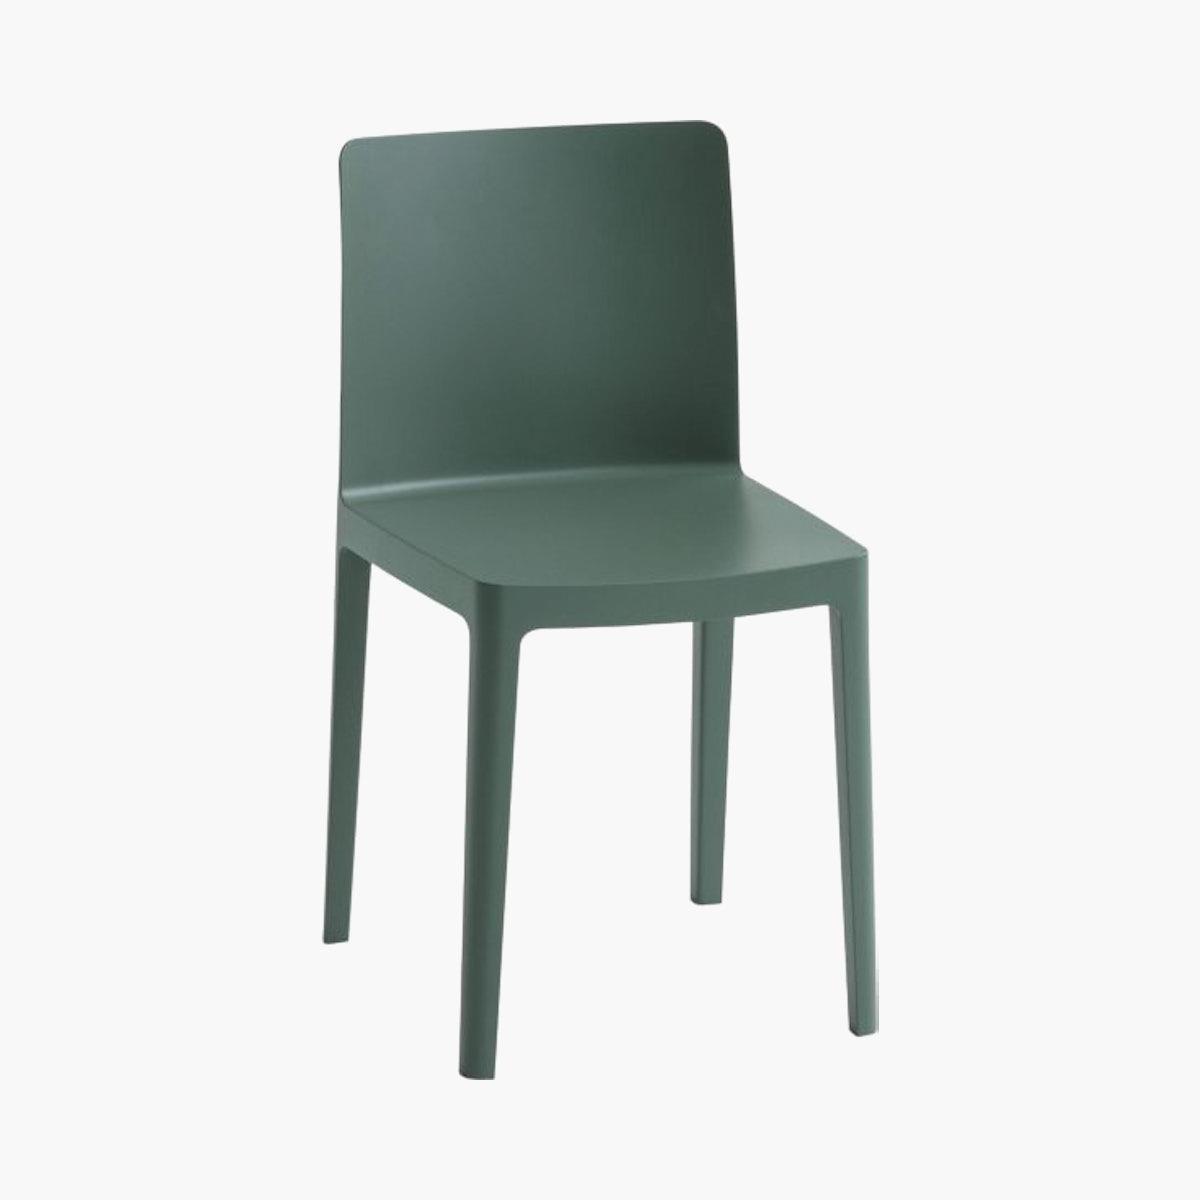 Élémentaire Chair